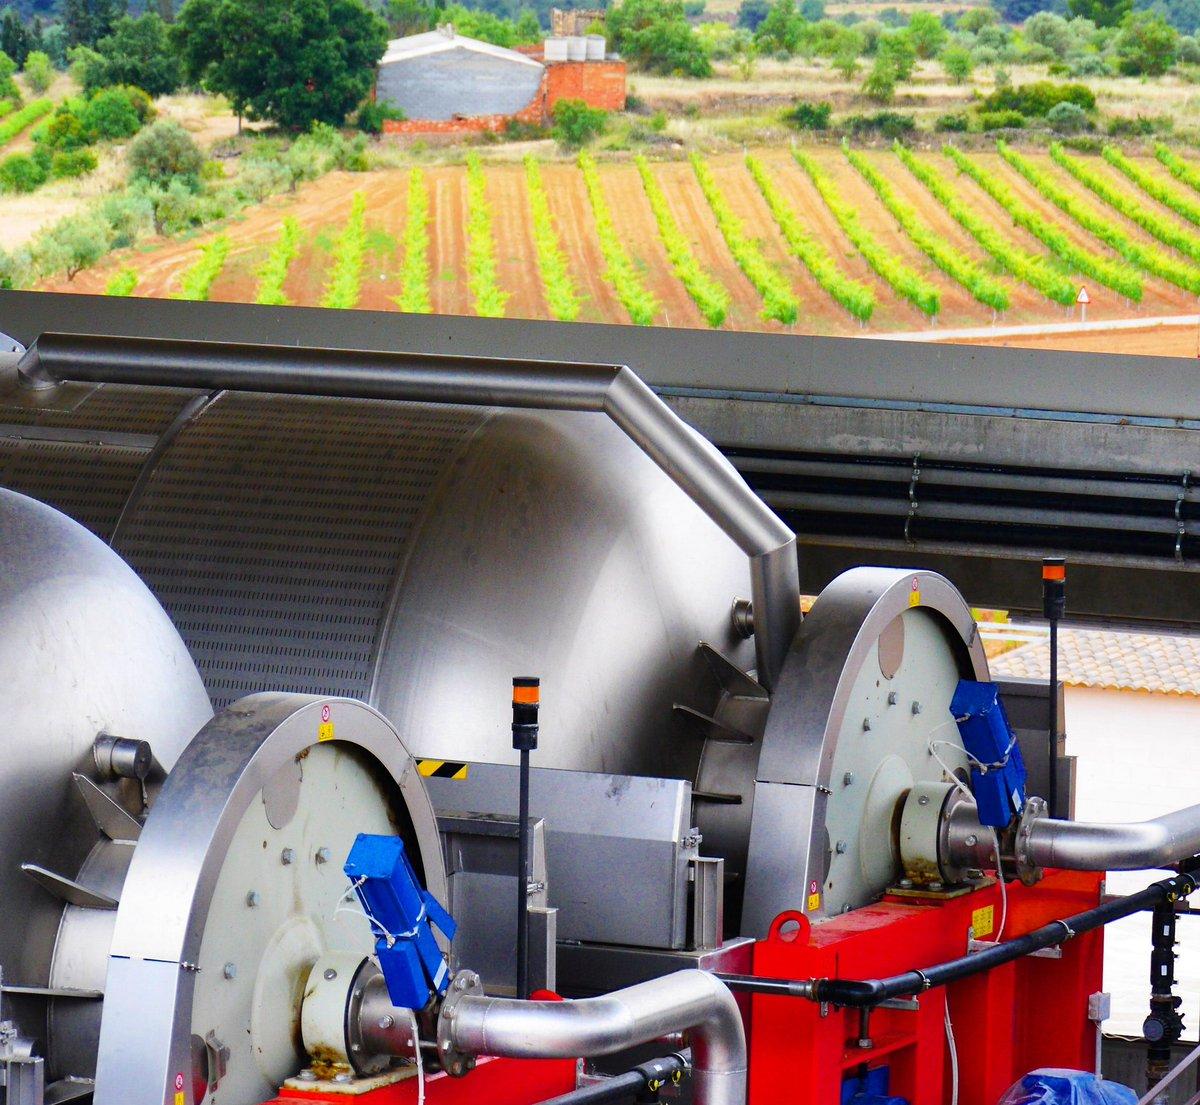 Les Cooperatives esperen el moment de la verema, atentes al creixement i maduració del raïm. Imatge de les premses de la nova #cooperativa d'Agrícola de la Conca amb una vinya de Solivella al fons. #cooperativisme #vinya #vi #vino #wine #cava #vineyard #winelover #ruralcat